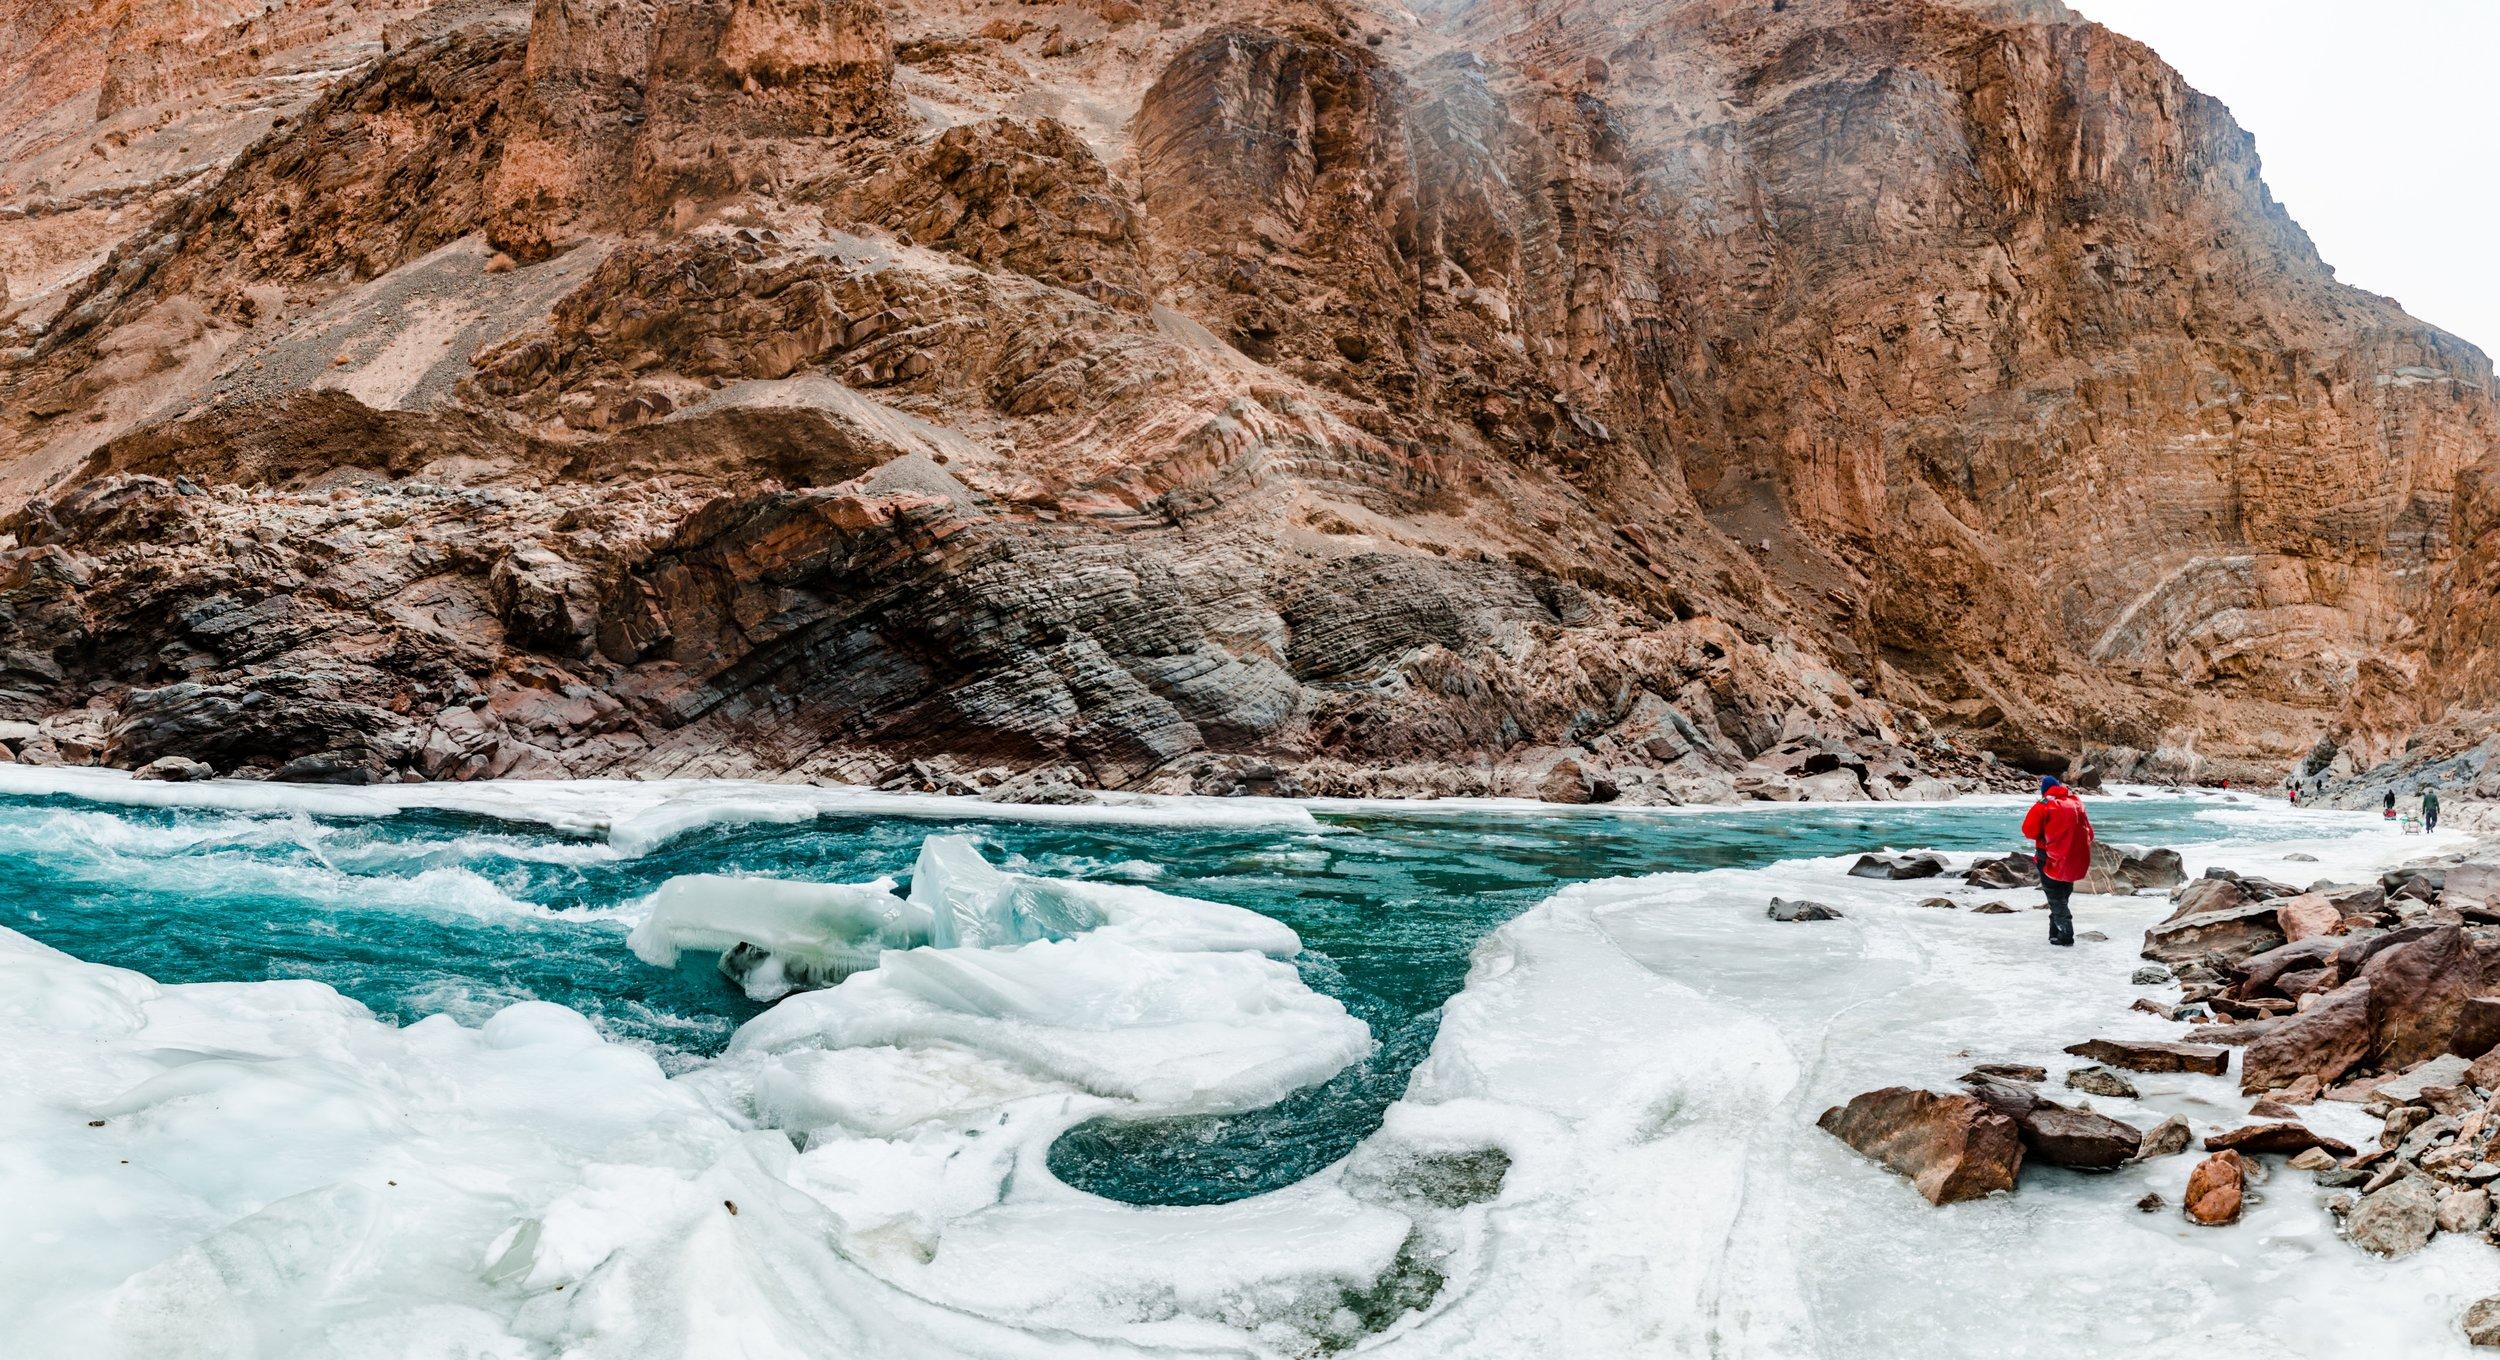 zanskar-river-ankur-arya